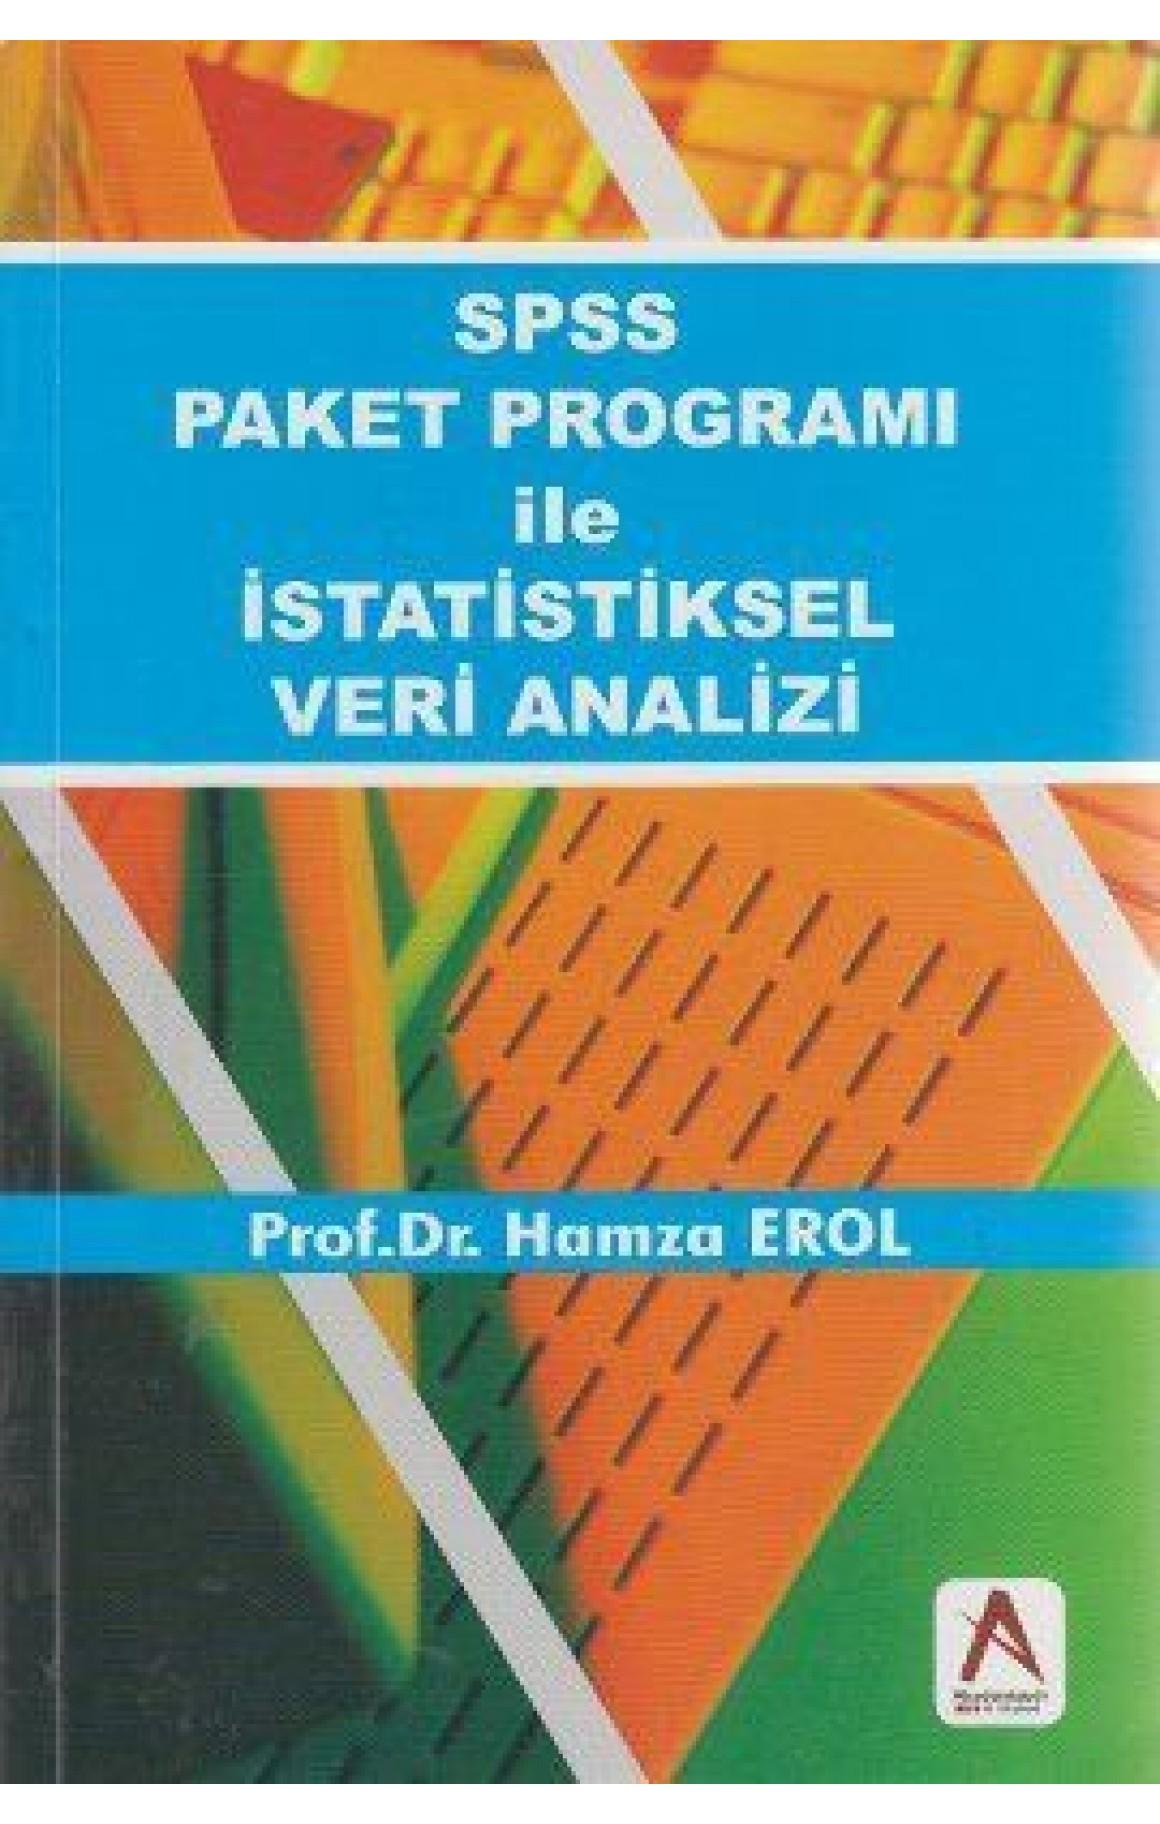 SPSS Paket Programı ile İstatistiks